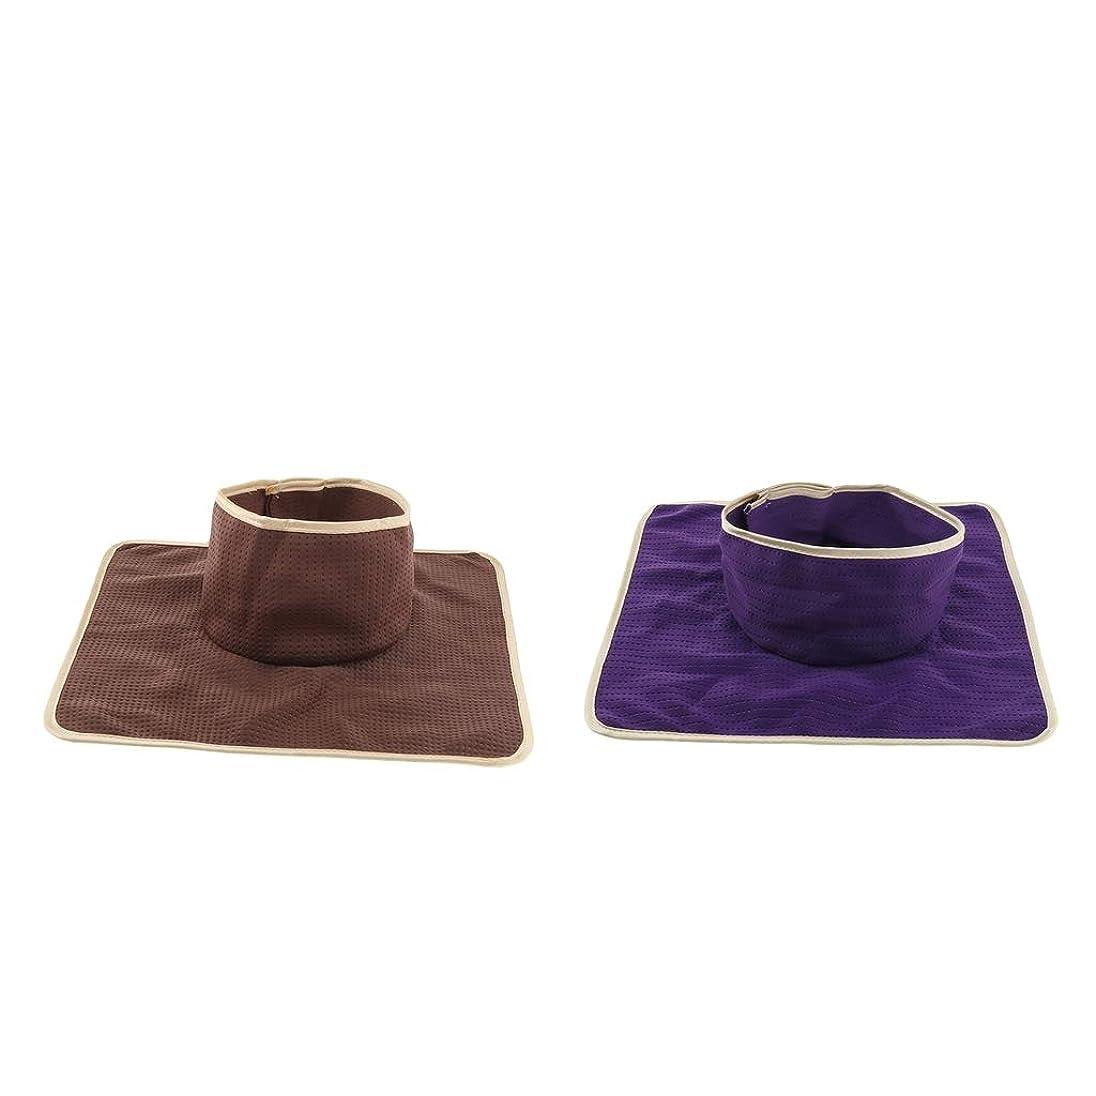 モート適切に付属品P Prettyia フェイスホール付き 2ピース 洗え 再利用可能な マッサージ ベッドタトゥーテーブルシートパッド